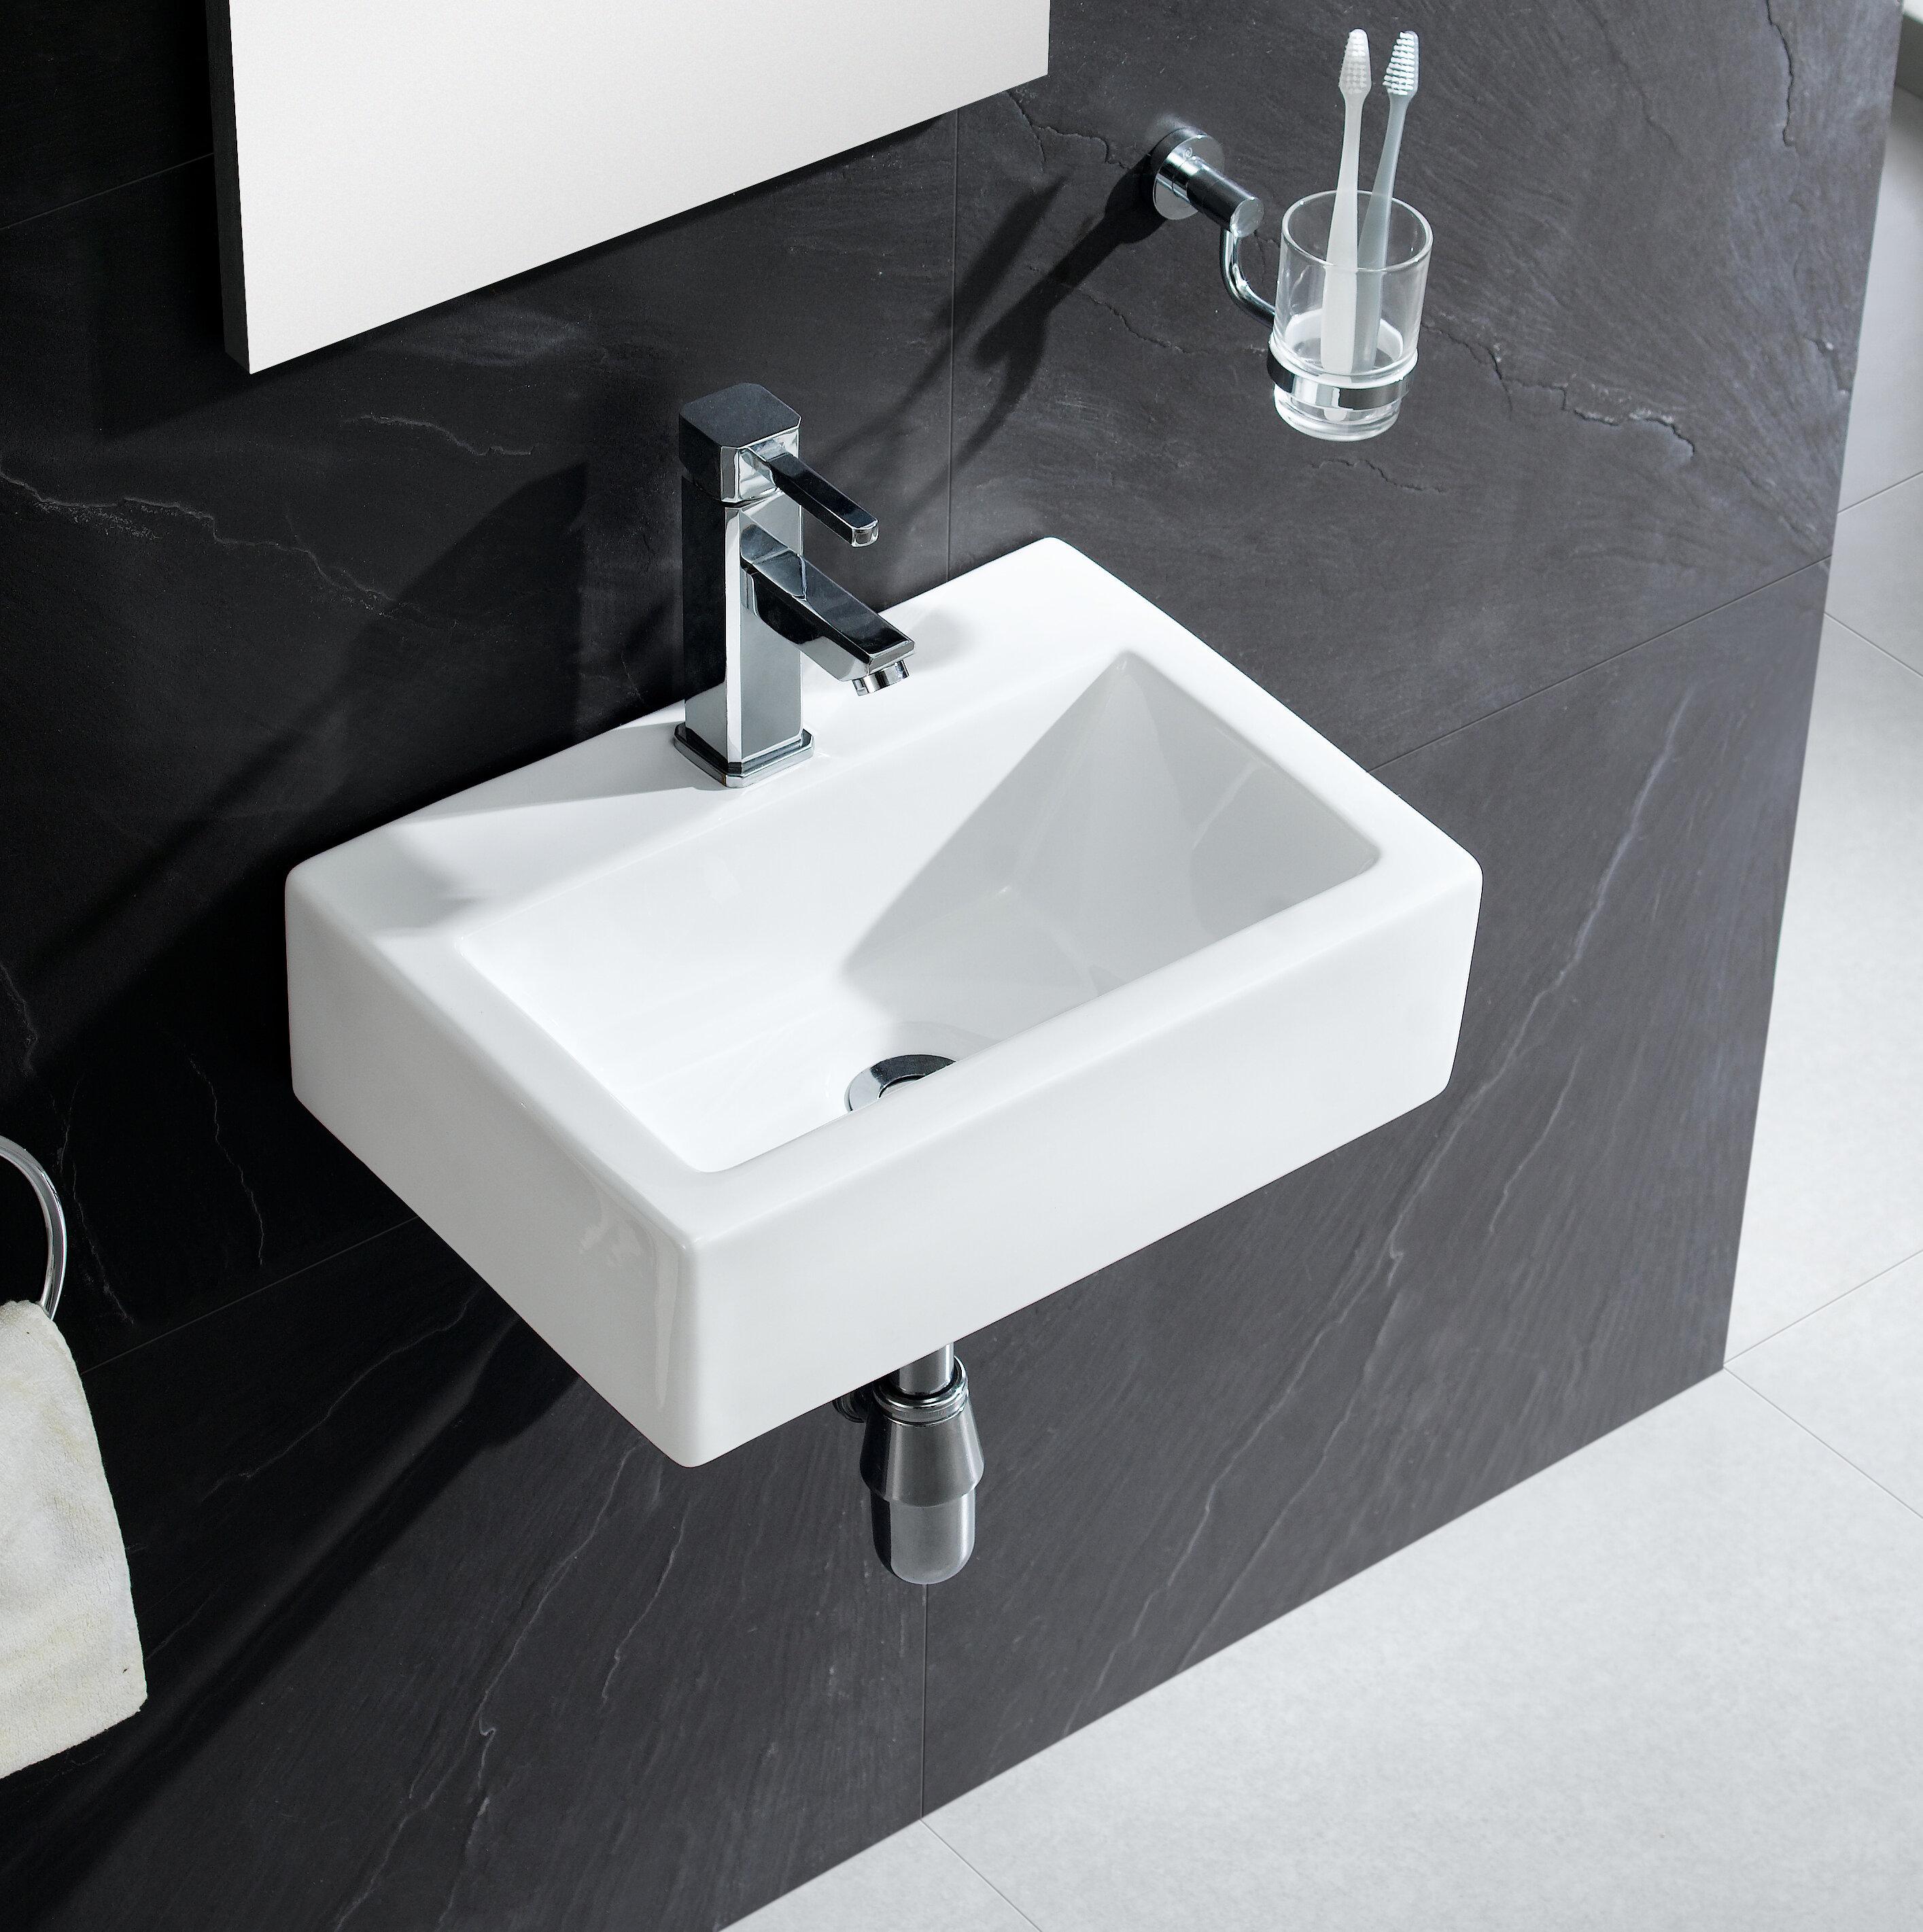 Ct1711w Modern Ceramic 17 Wall Mount Bathroom Sink